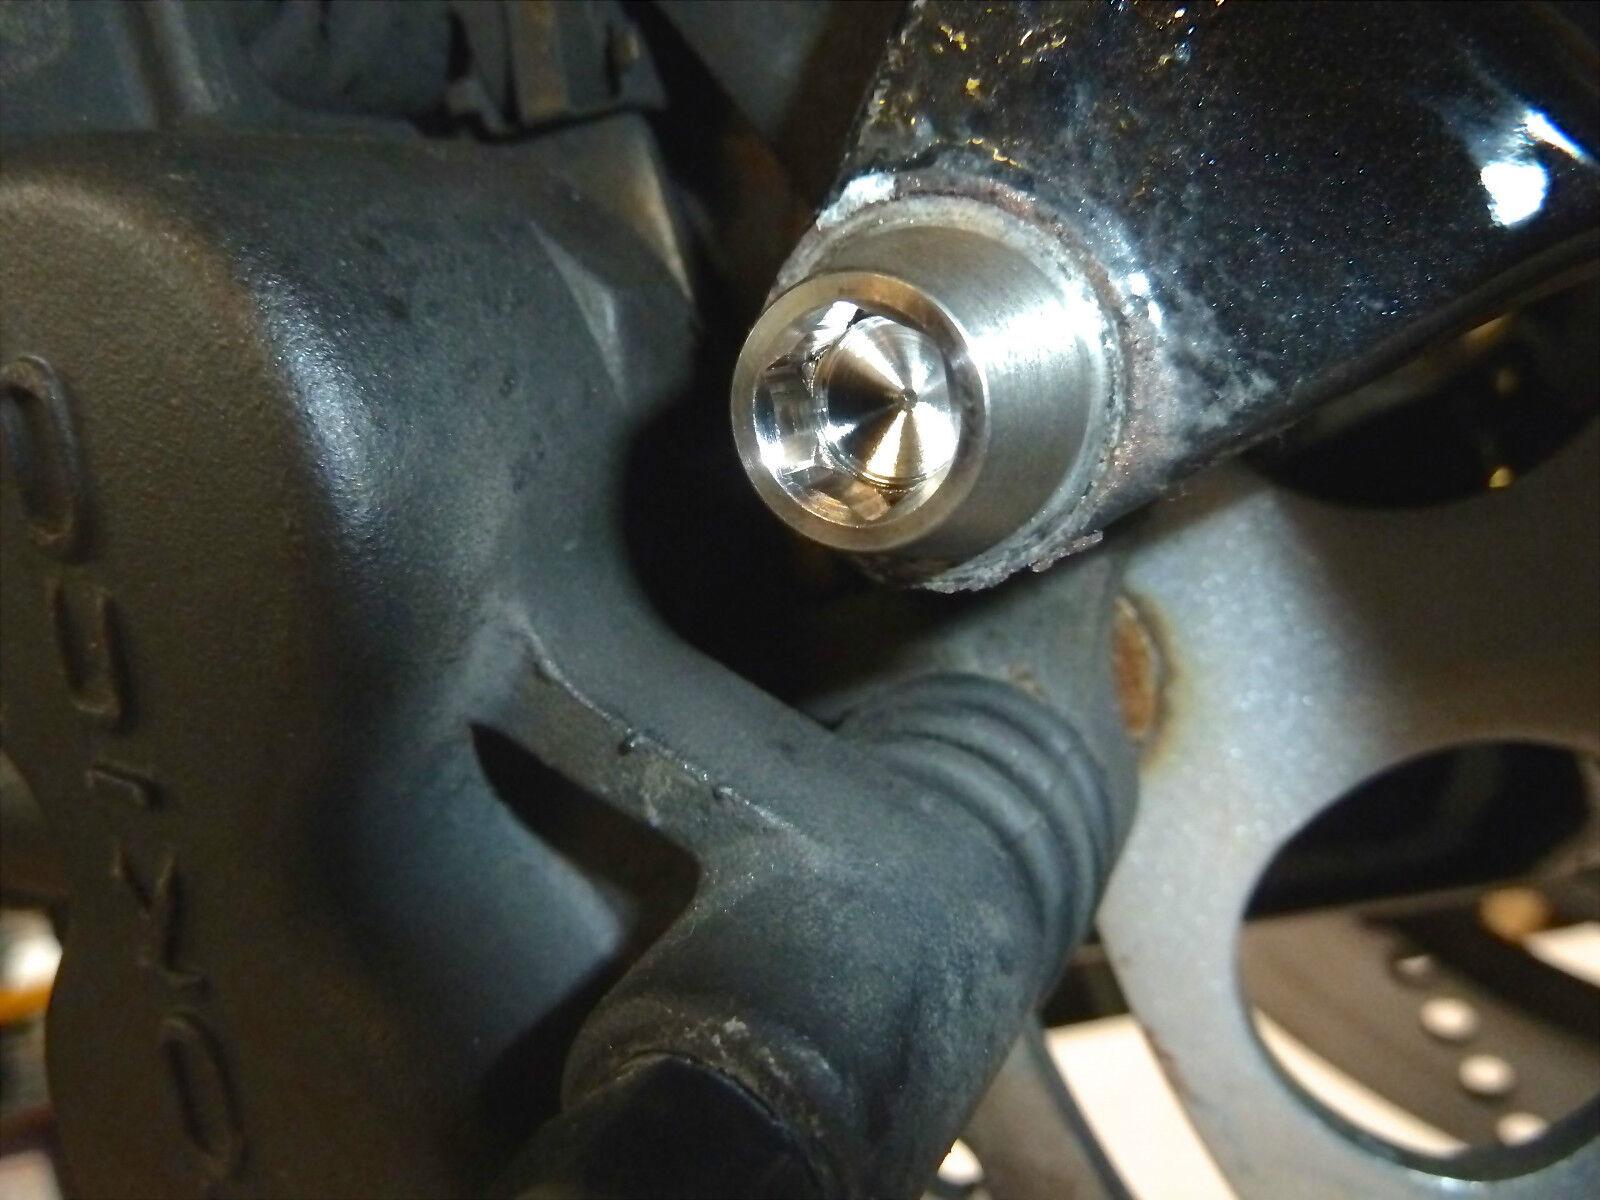 Suzuki Suzuki Suzuki DL650A V-Strom 2011-on Poi Titanio Pinza Freno Anteriore Bulloni di | Ogni articolo descritto è disponibile  | Facile da usare  | prendere in considerazione  c9e2ee